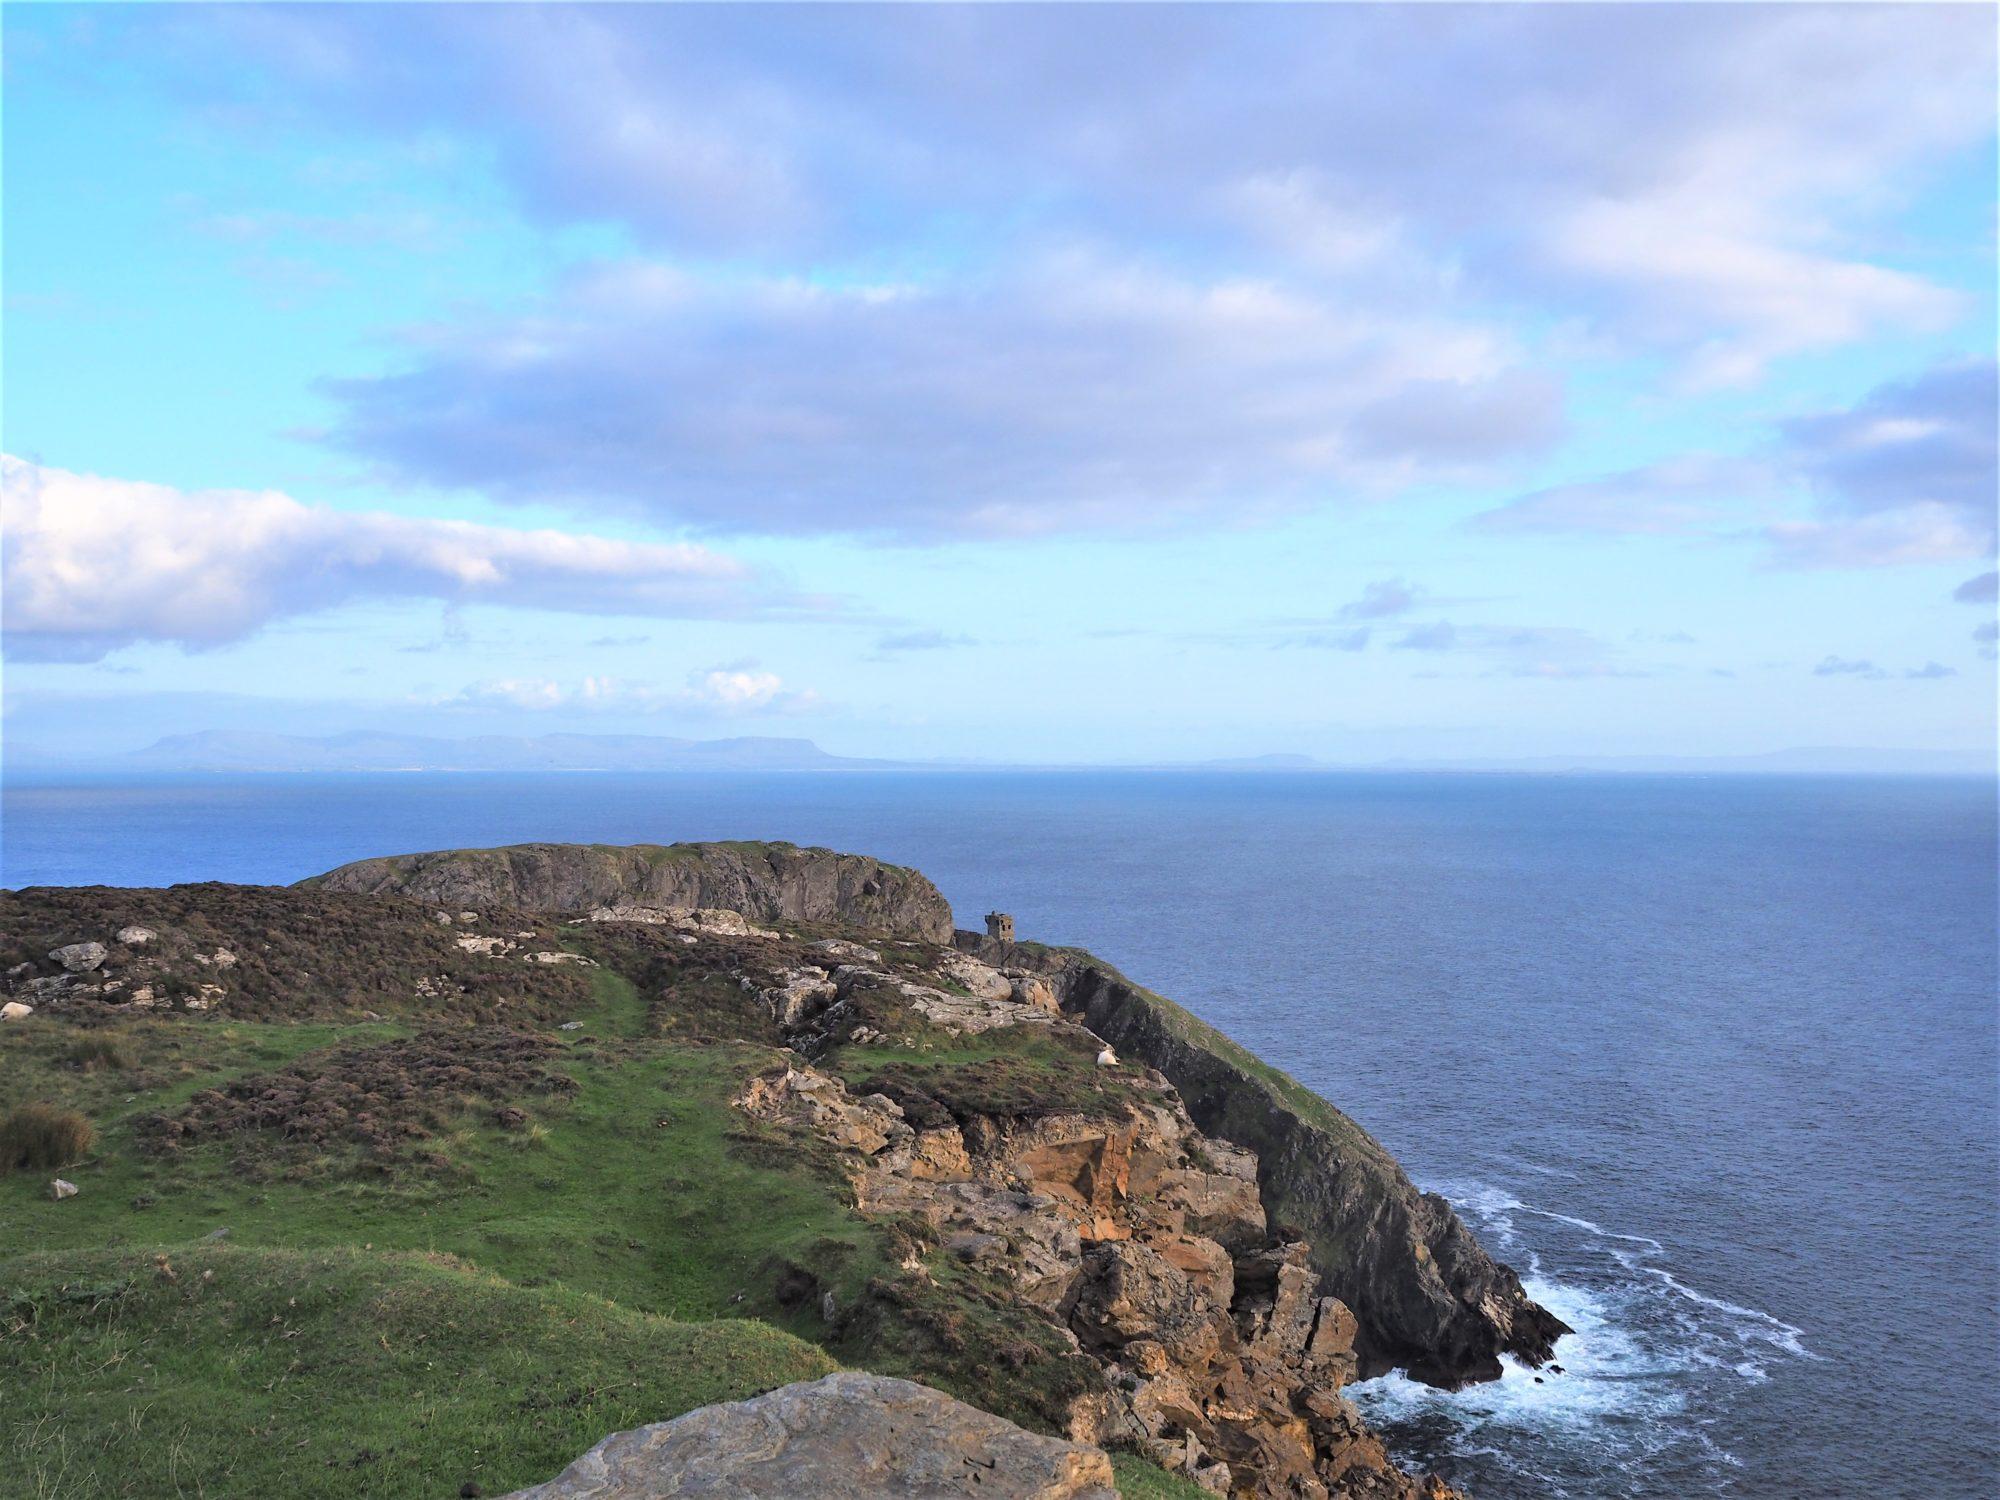 Voyage en Irlande, Comté de Donegal, sur le chemin de Slieve League